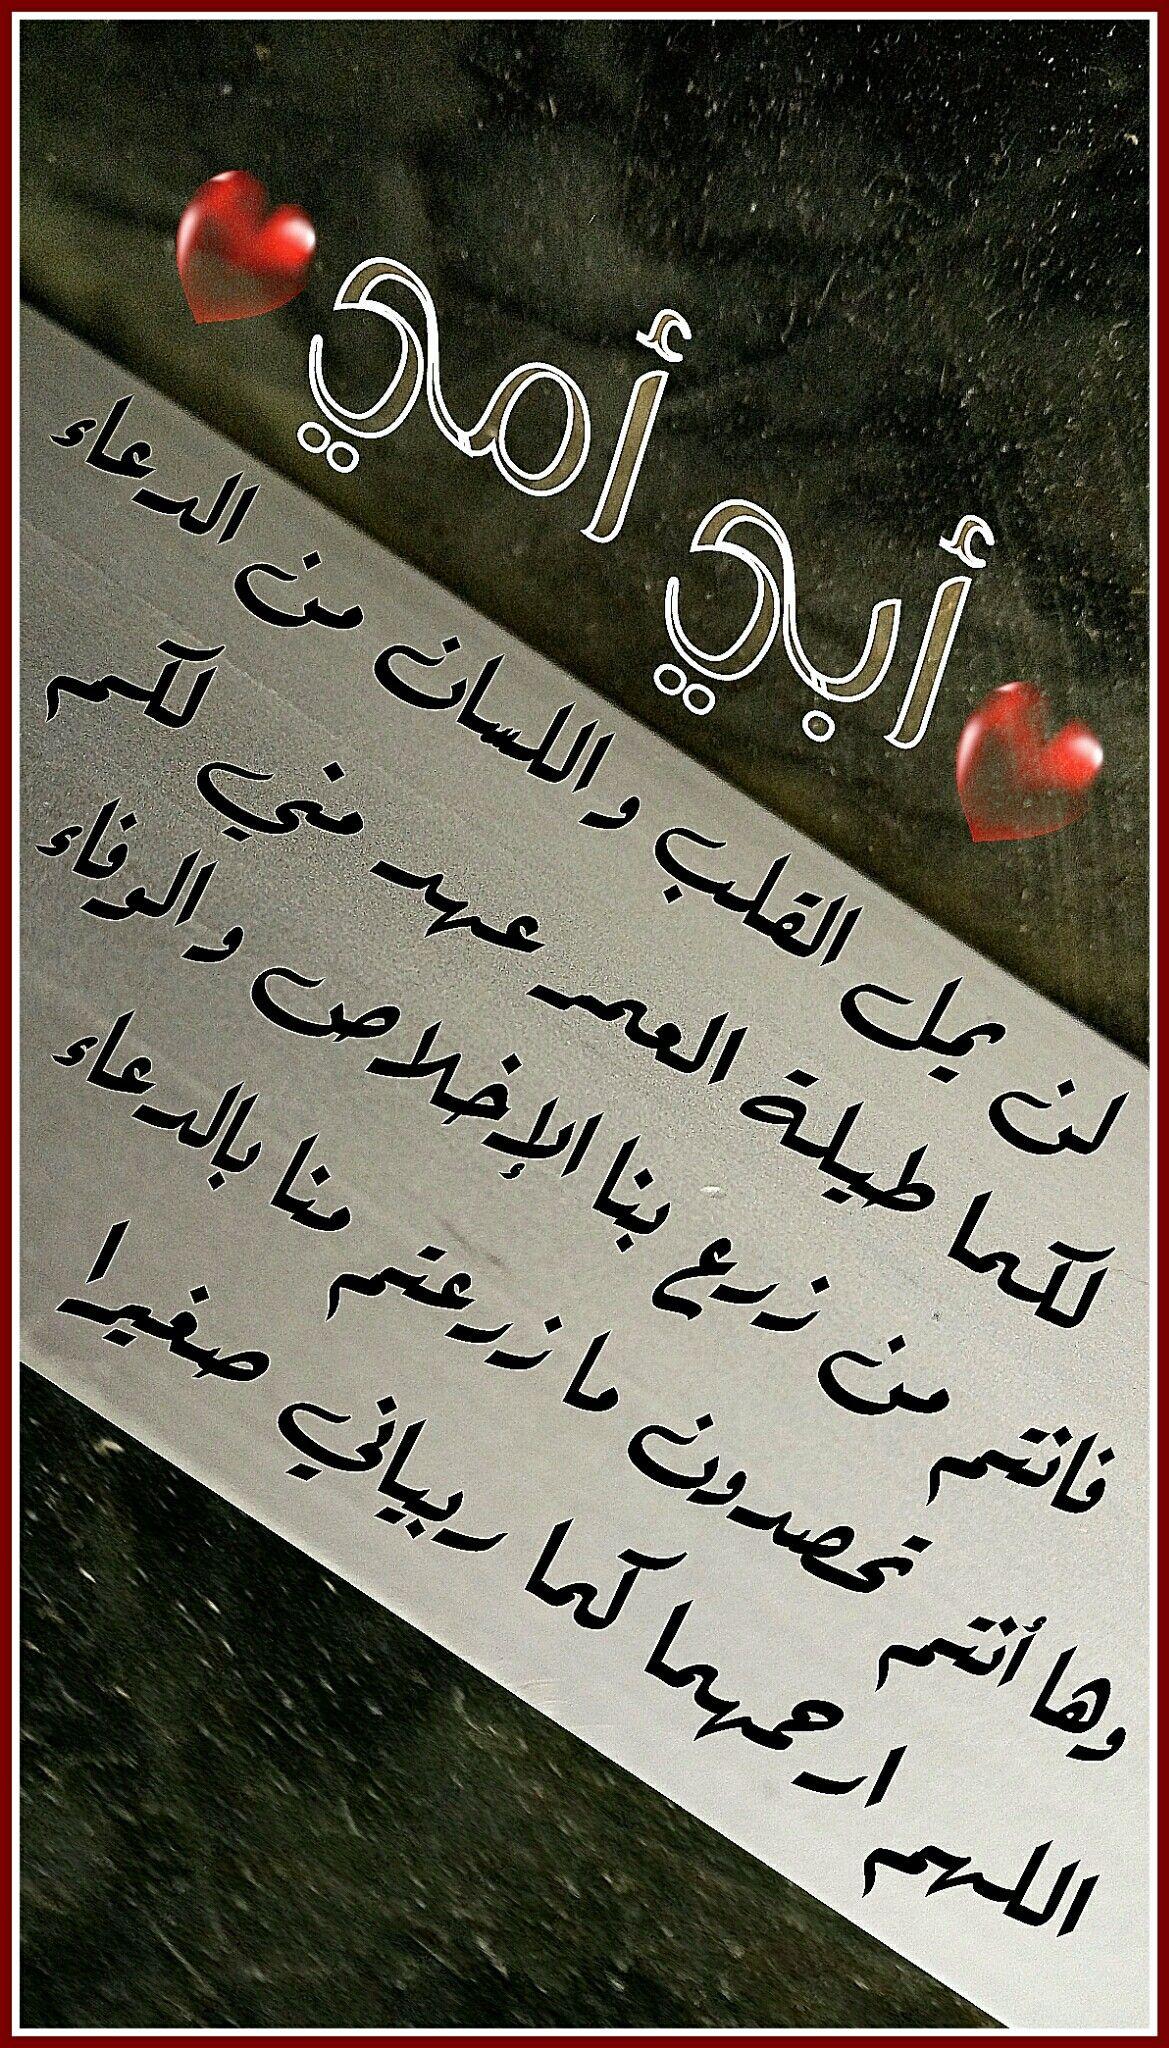 أبي أمي لن يمل القلب و اللسان من الدعاء لكما طيلة العمر عهد مني لكم L Obs Arabic Calligraphy Like Me